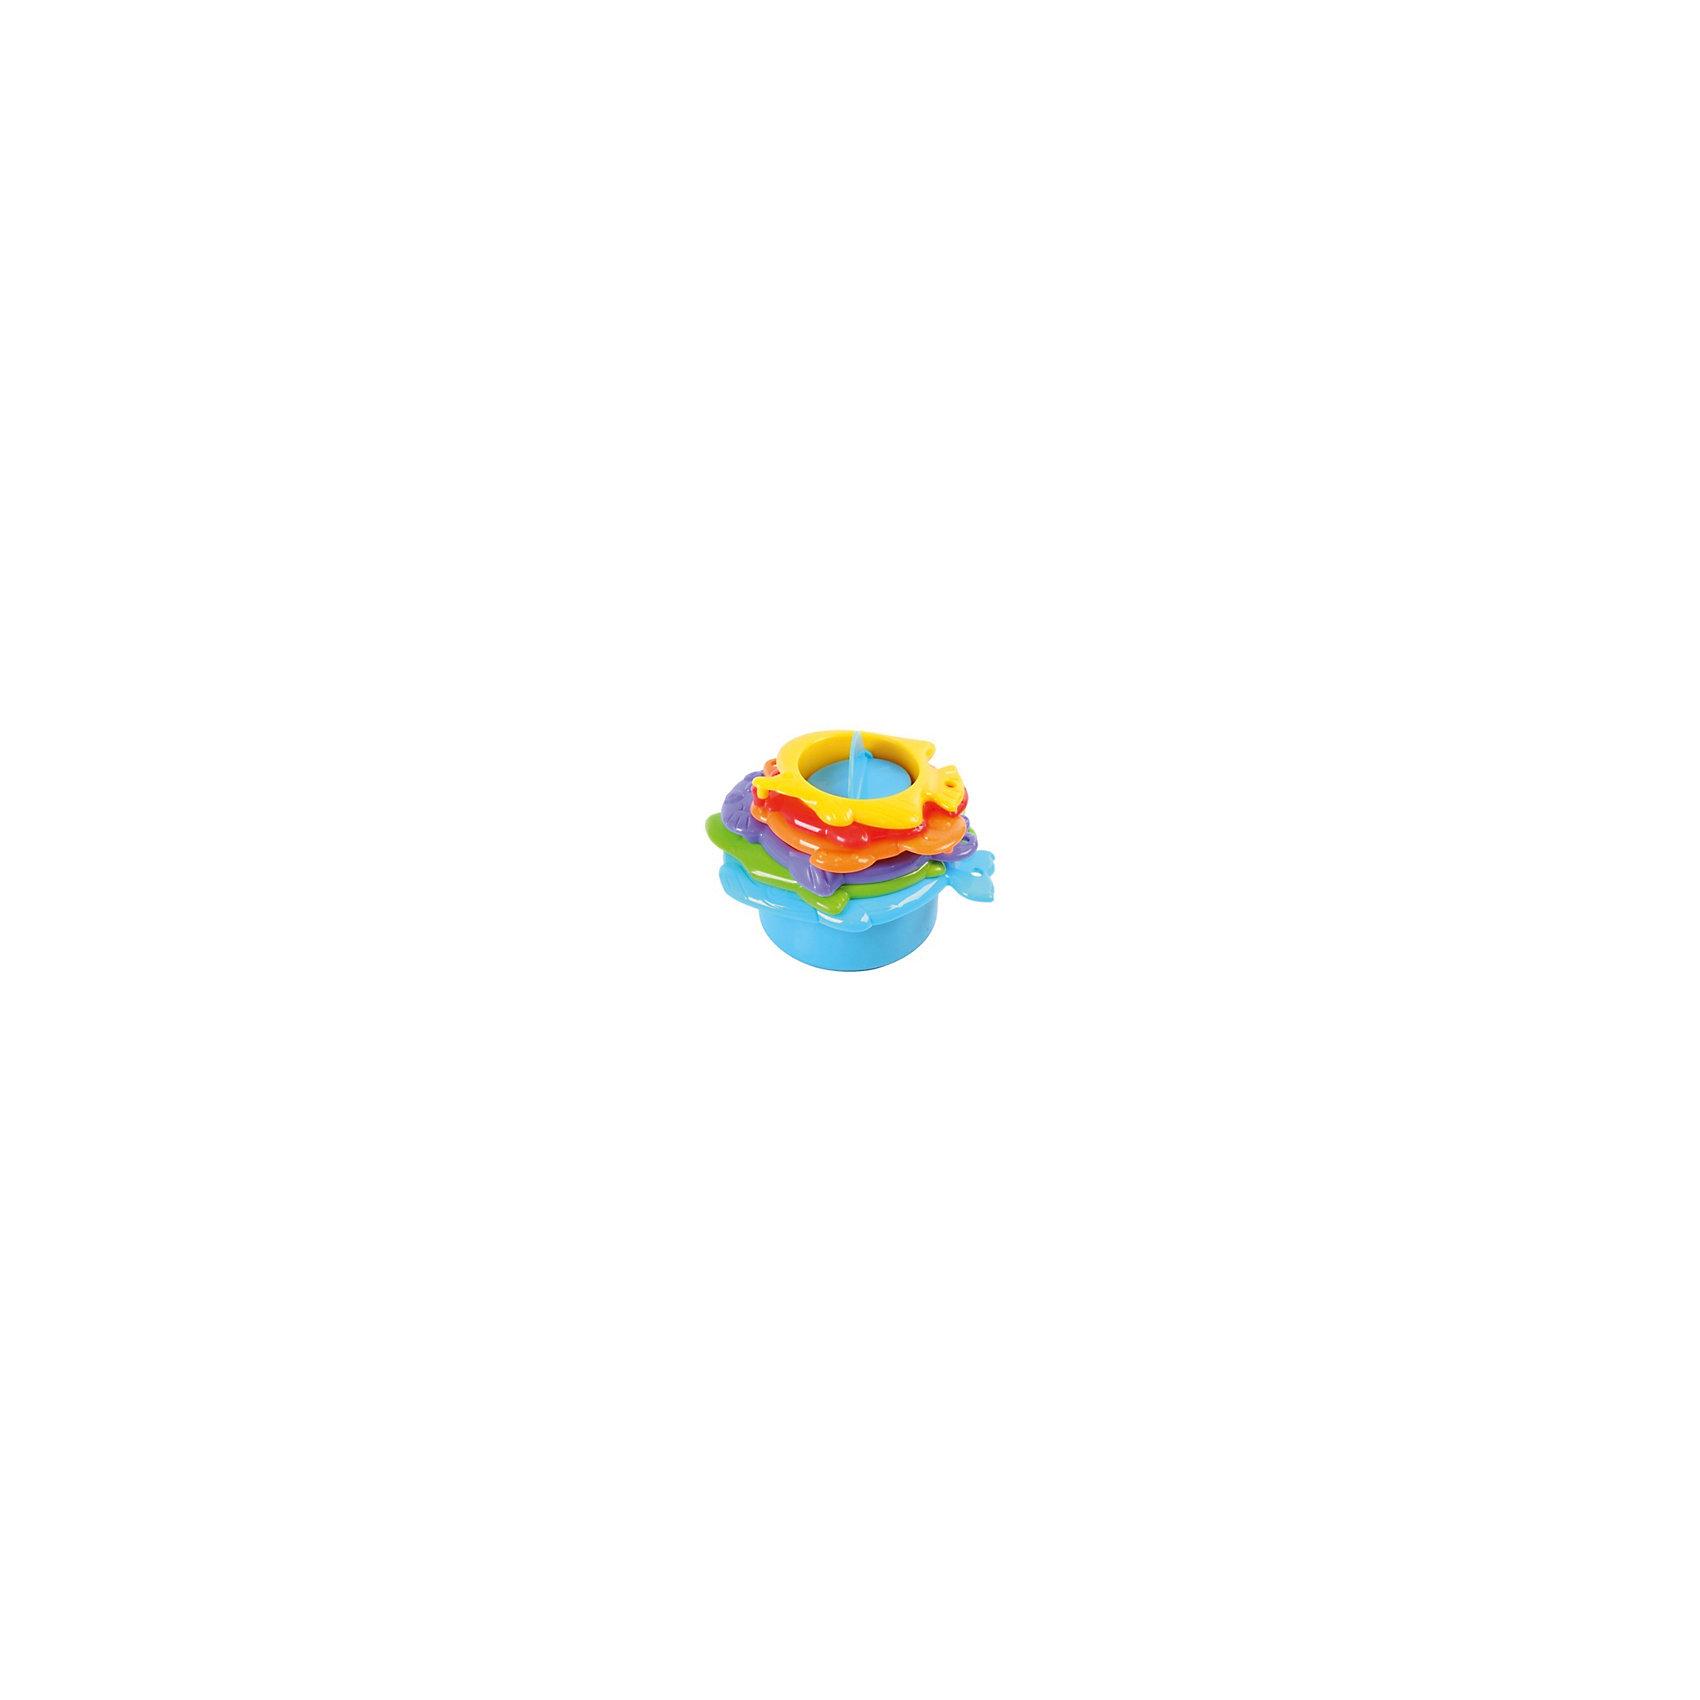 Игровой набор для ванной, PlaygoИгрушки для ванной<br>Игровой набор для ванной, Playgo<br><br>Характеристики:<br>- Материал: пластик<br>- В комплект входит: 6 предметов<br>- Размер: 22 * 7,5 * 15 см. <br>Игровой набор от известного китайского бренда развивающих игрушек для детей Playgo (Плейго) станет прекрасным подарком для крохи. Шесть веселых морских жителей с радостью будут проводить время в ванной вместе с малышом. Рыбки, черепашка и даже тюлень в разных цветовых гаммах помогут выучить цвета, а разные дизайны дна формочек будут выливать воду по-разному. Детали соединяются друг с другом и могут складываться большая в меньшую, как пирамидка. Игрушка способствует развитию логики, тактильных ощущений, воображения, светового восприятия и моторики ручек.<br>Игровой набор для ванной, Playgo (Плейго) можно купить в нашем интернет-магазине.<br>Подробнее:<br>• Для детей в возрасте: от 6 месяцев до 3 лет <br>• Номер товара: 5054065<br>Страна производитель: Китай<br><br>Ширина мм: 150<br>Глубина мм: 220<br>Высота мм: 70<br>Вес г: 250<br>Возраст от месяцев: 12<br>Возраст до месяцев: 36<br>Пол: Унисекс<br>Возраст: Детский<br>SKU: 5054065